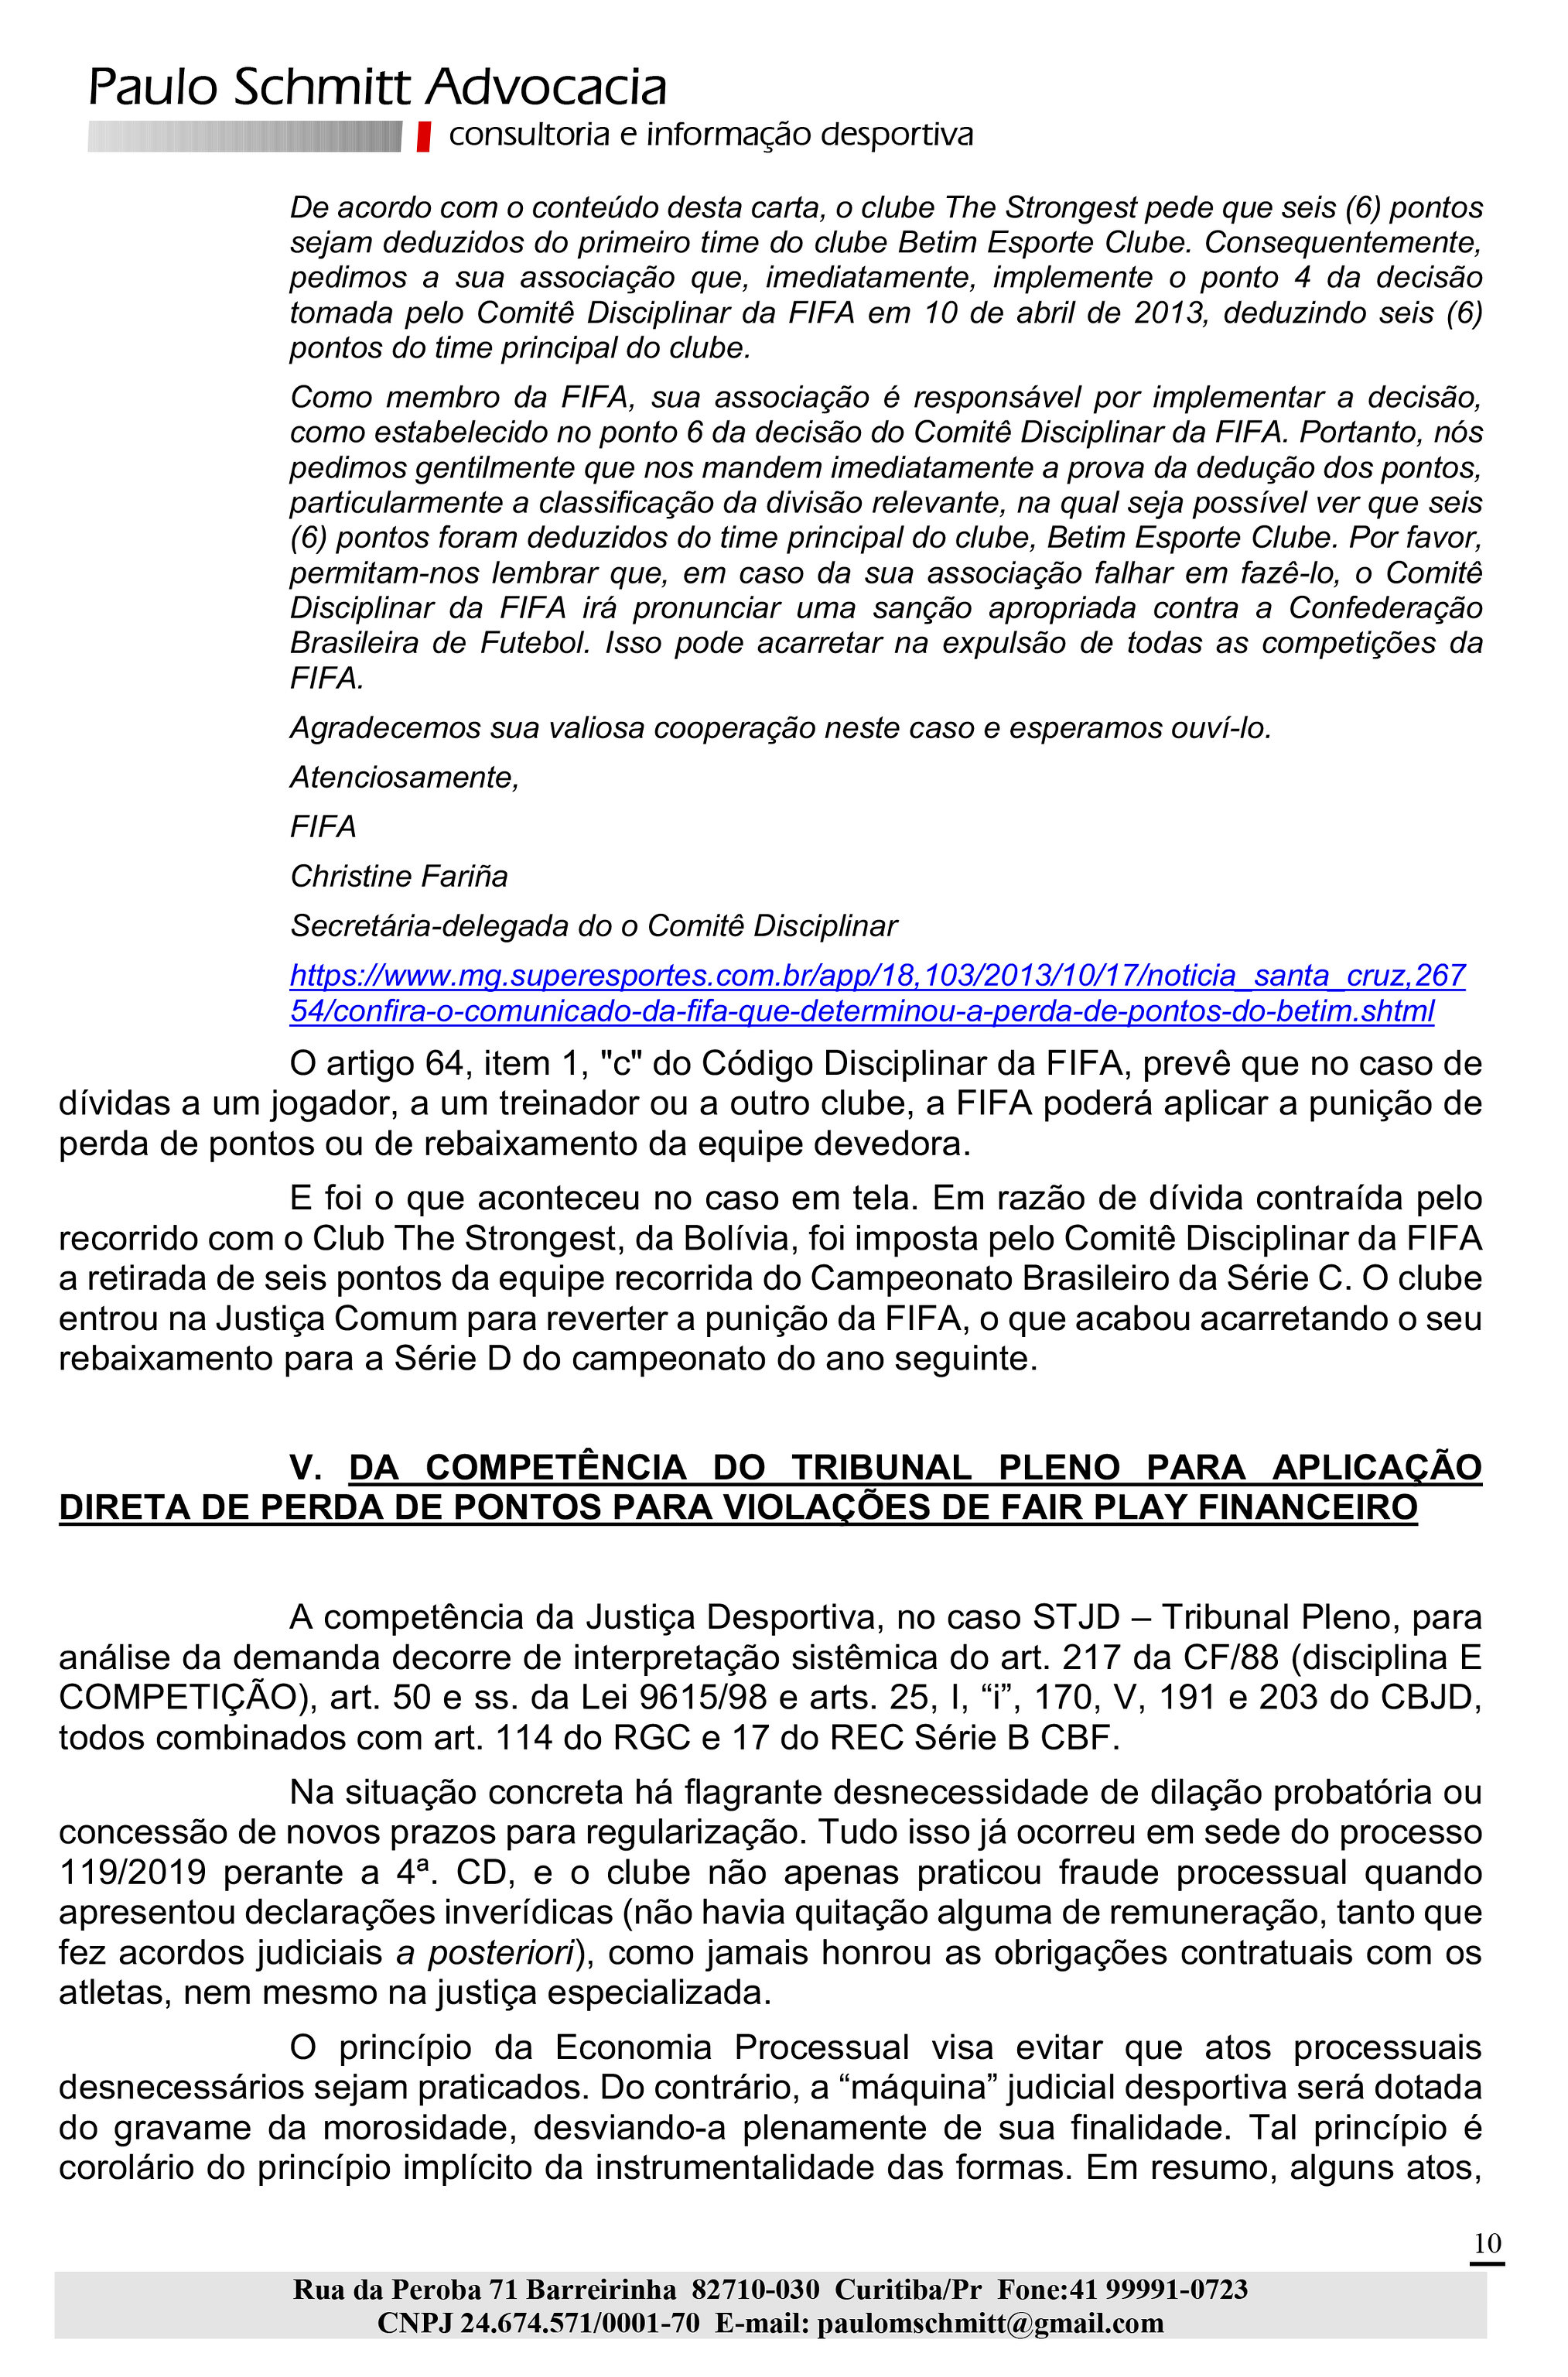 Microsoft Word - Londrina Medida Inominada - STJD 02dez2019.docx